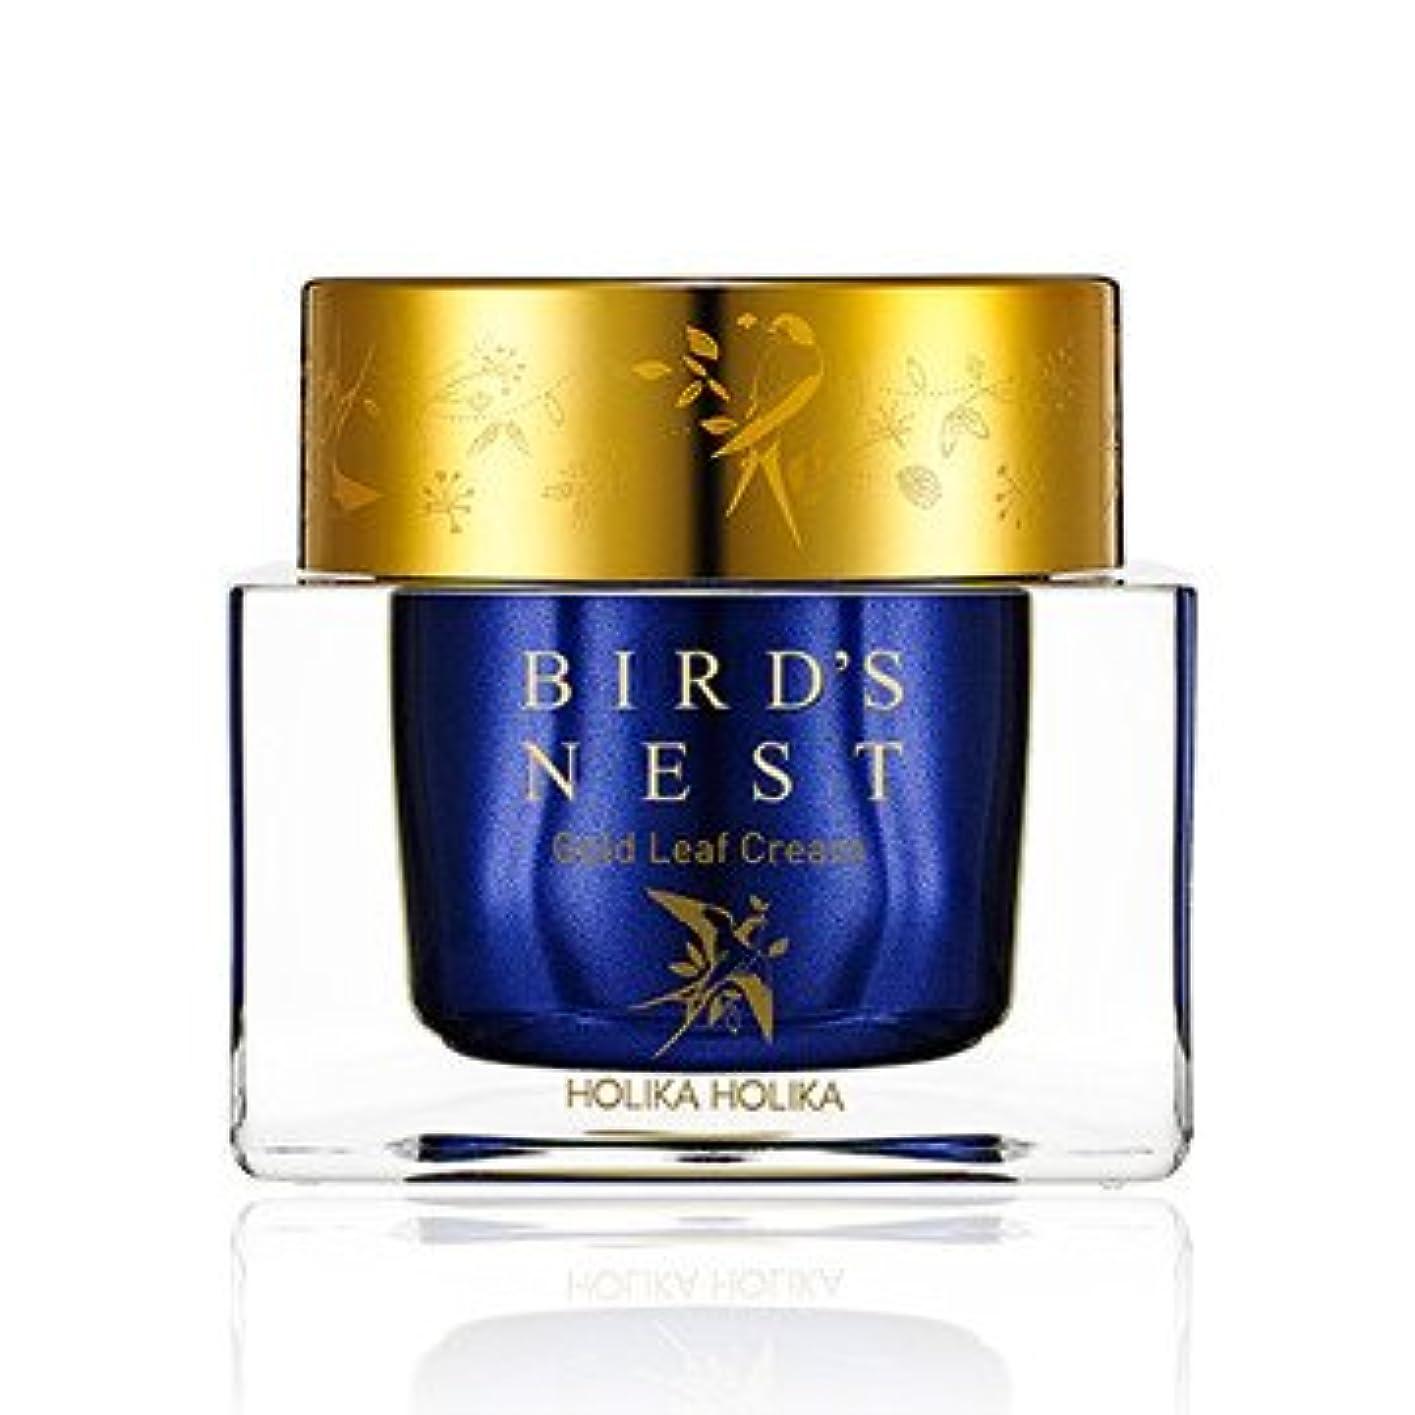 テクスチャー有効容疑者[2018 NEW] ホリカホリカ プライムユース バーズネスト ゴールドリーフ クリーム/Holika Holika Prime Youth Birds Nest Gold Leaf Cream 55ml [並行輸入品]